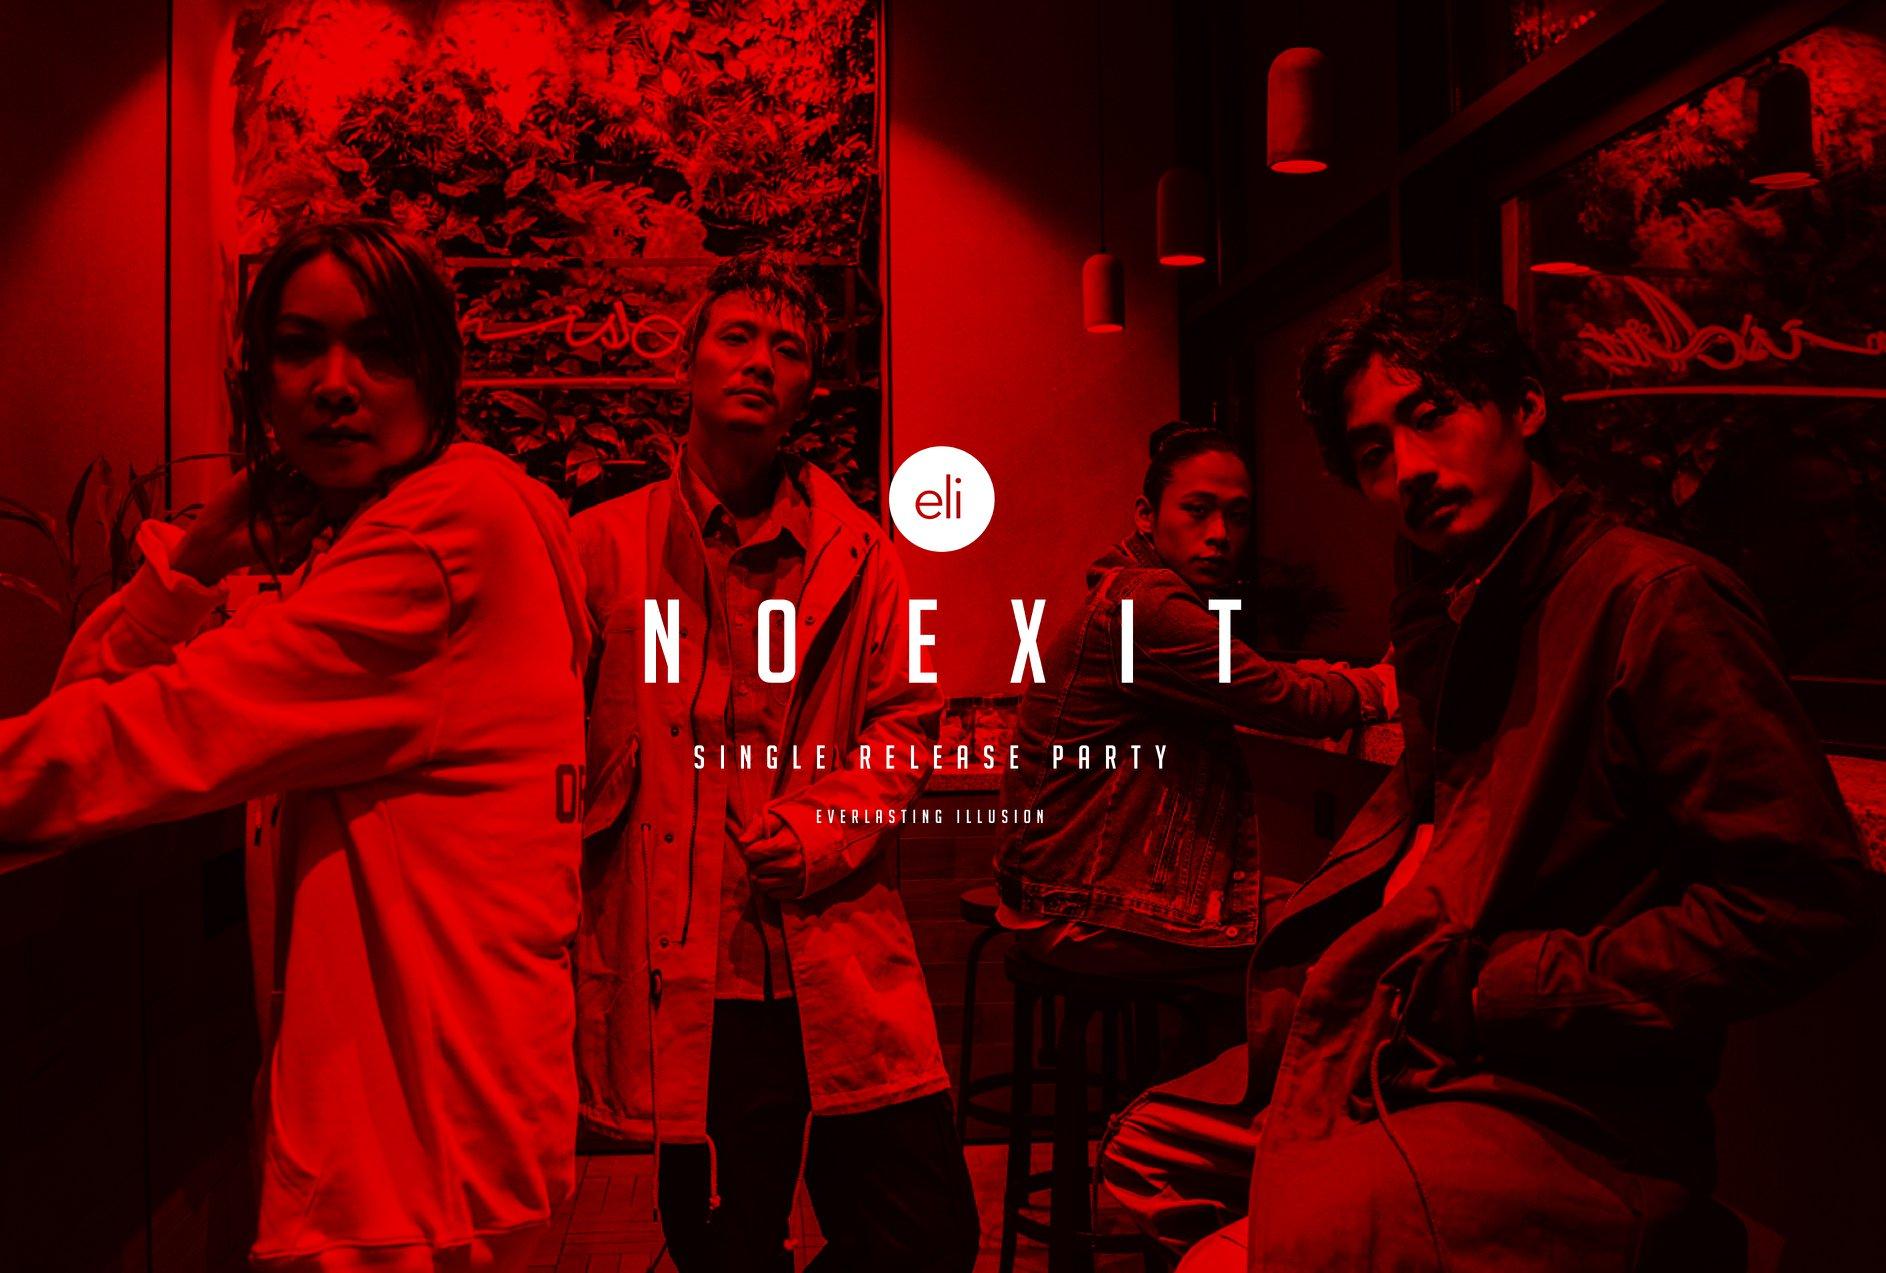 香港另類搖滾樂團 eli 帶來新曲影音 no exit 創作解析